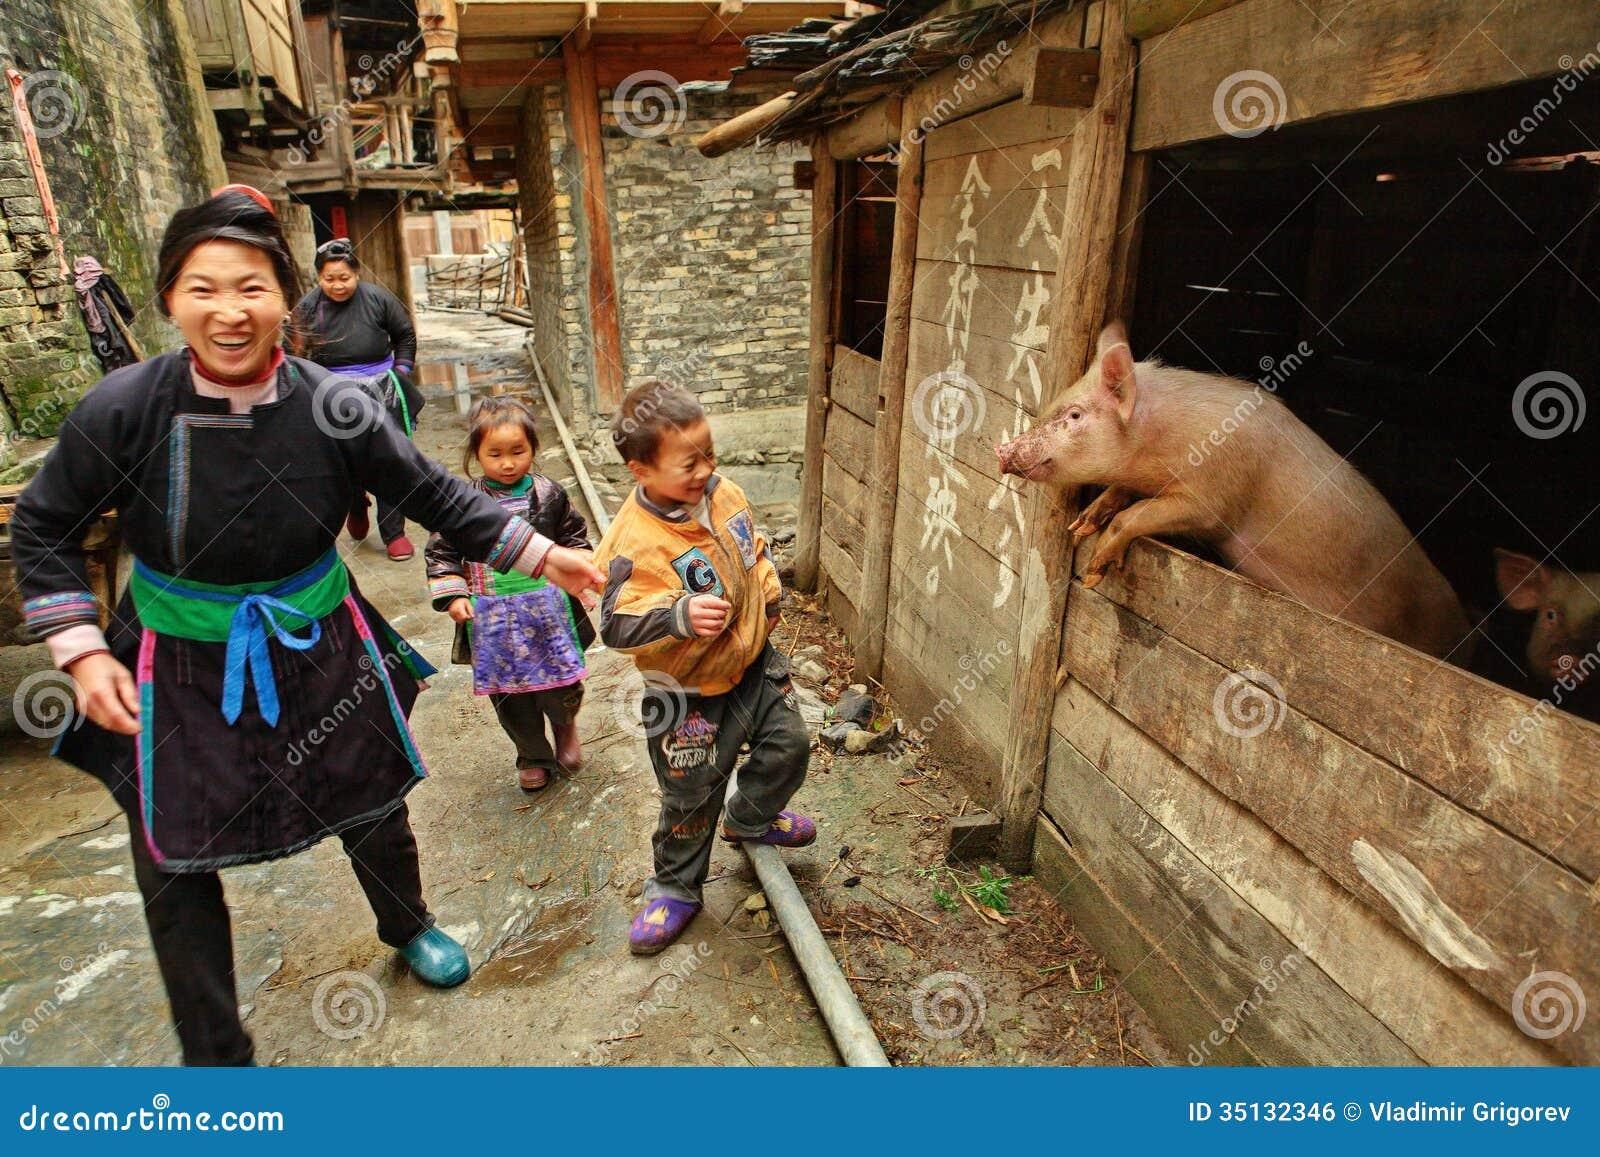 Zengchong village, Guizhou, China - April 13, 2010: The family of ...